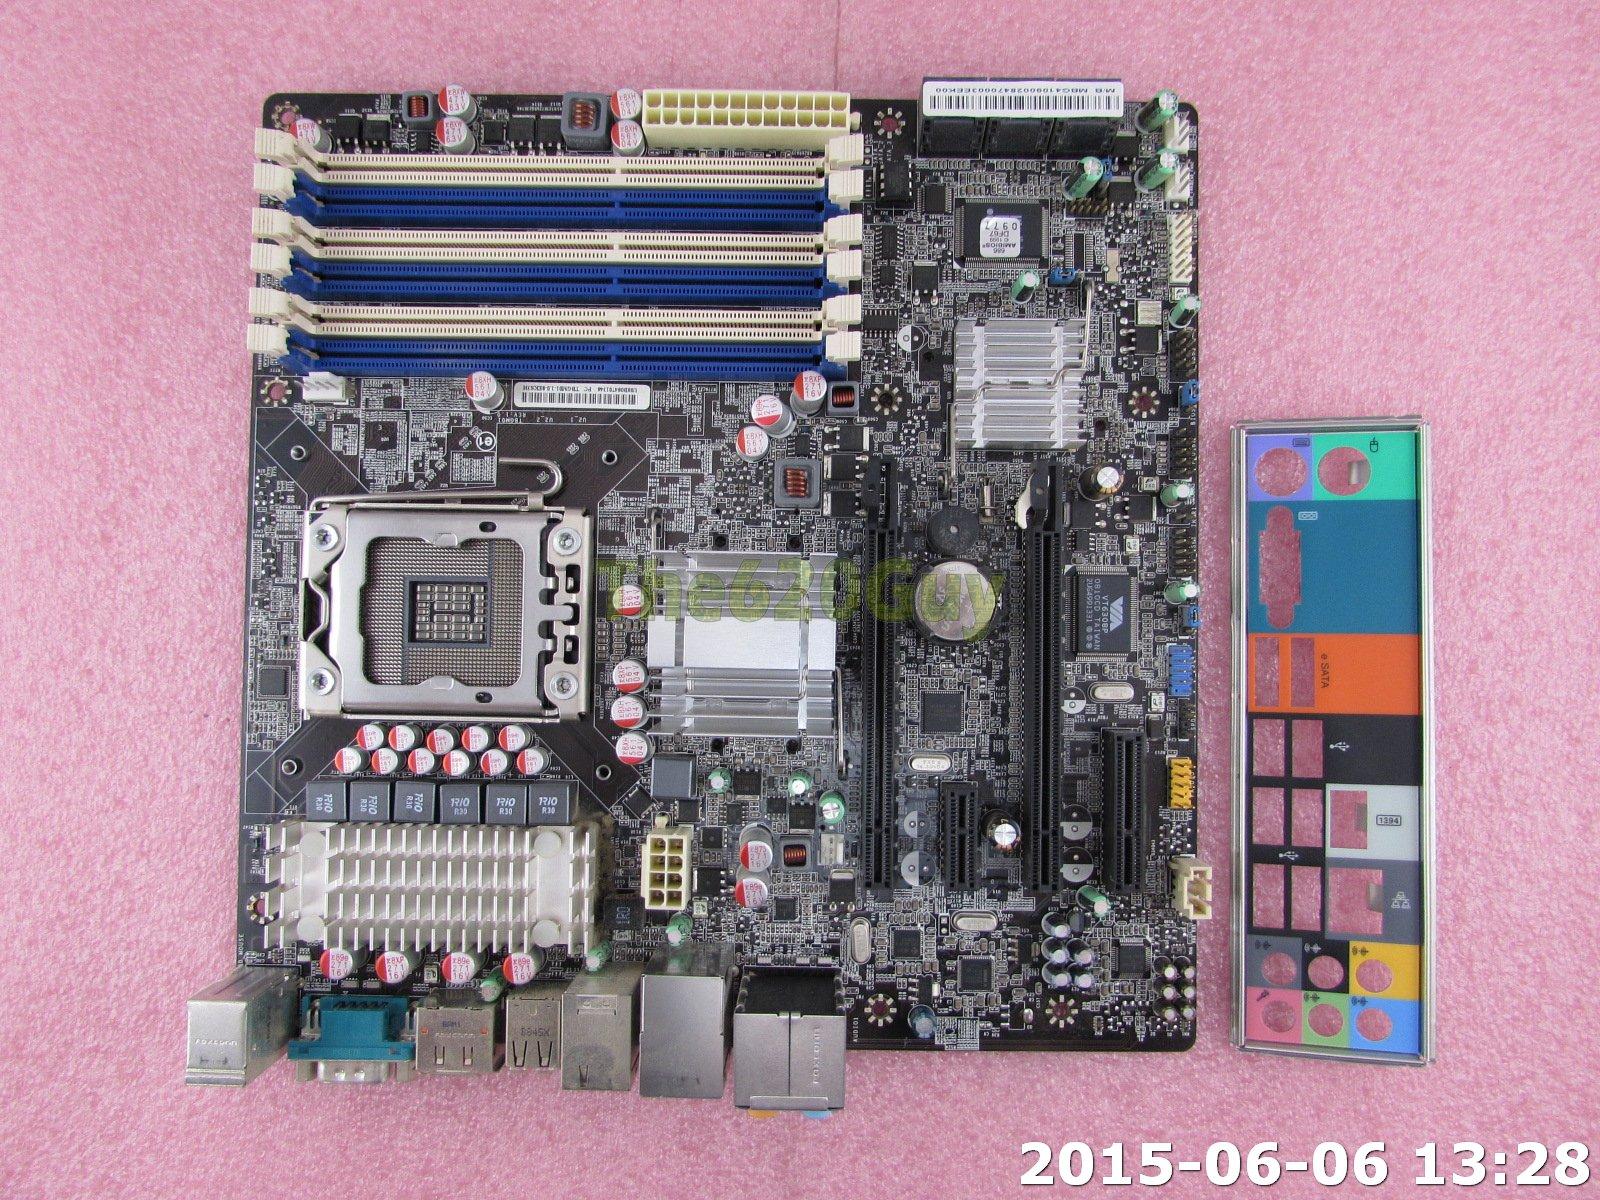 Gateway FX6800 X58 Motherboard System Board MB G4109 002 TBGM01-1 0-8EKS3H  - The620Guy com